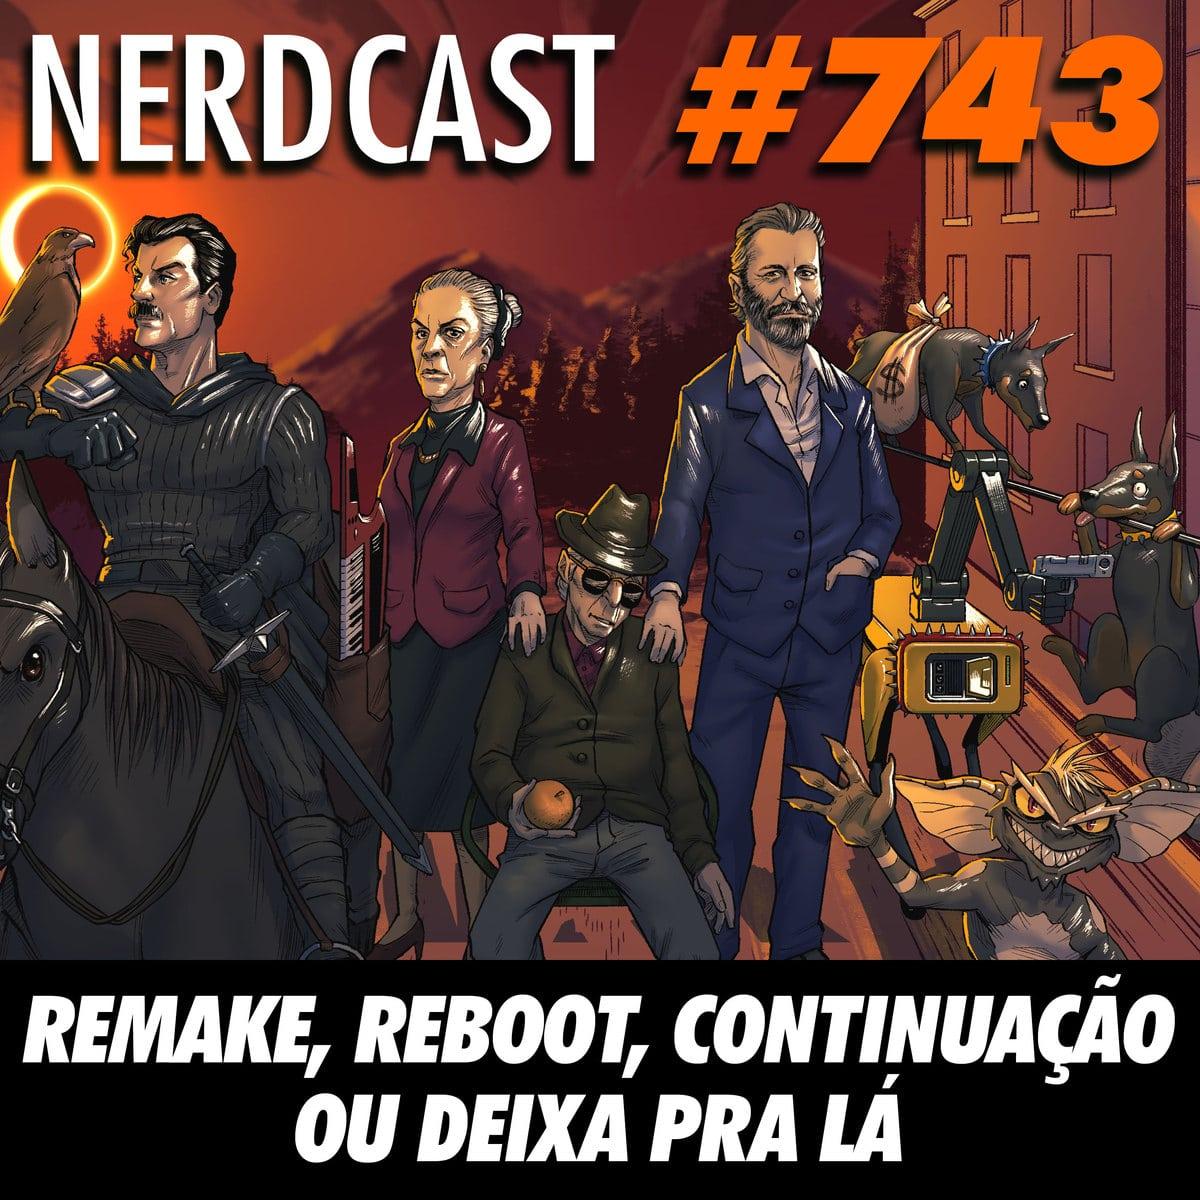 NerdCast 743 - Reboot, remake, continuação ou deixa pra lá!